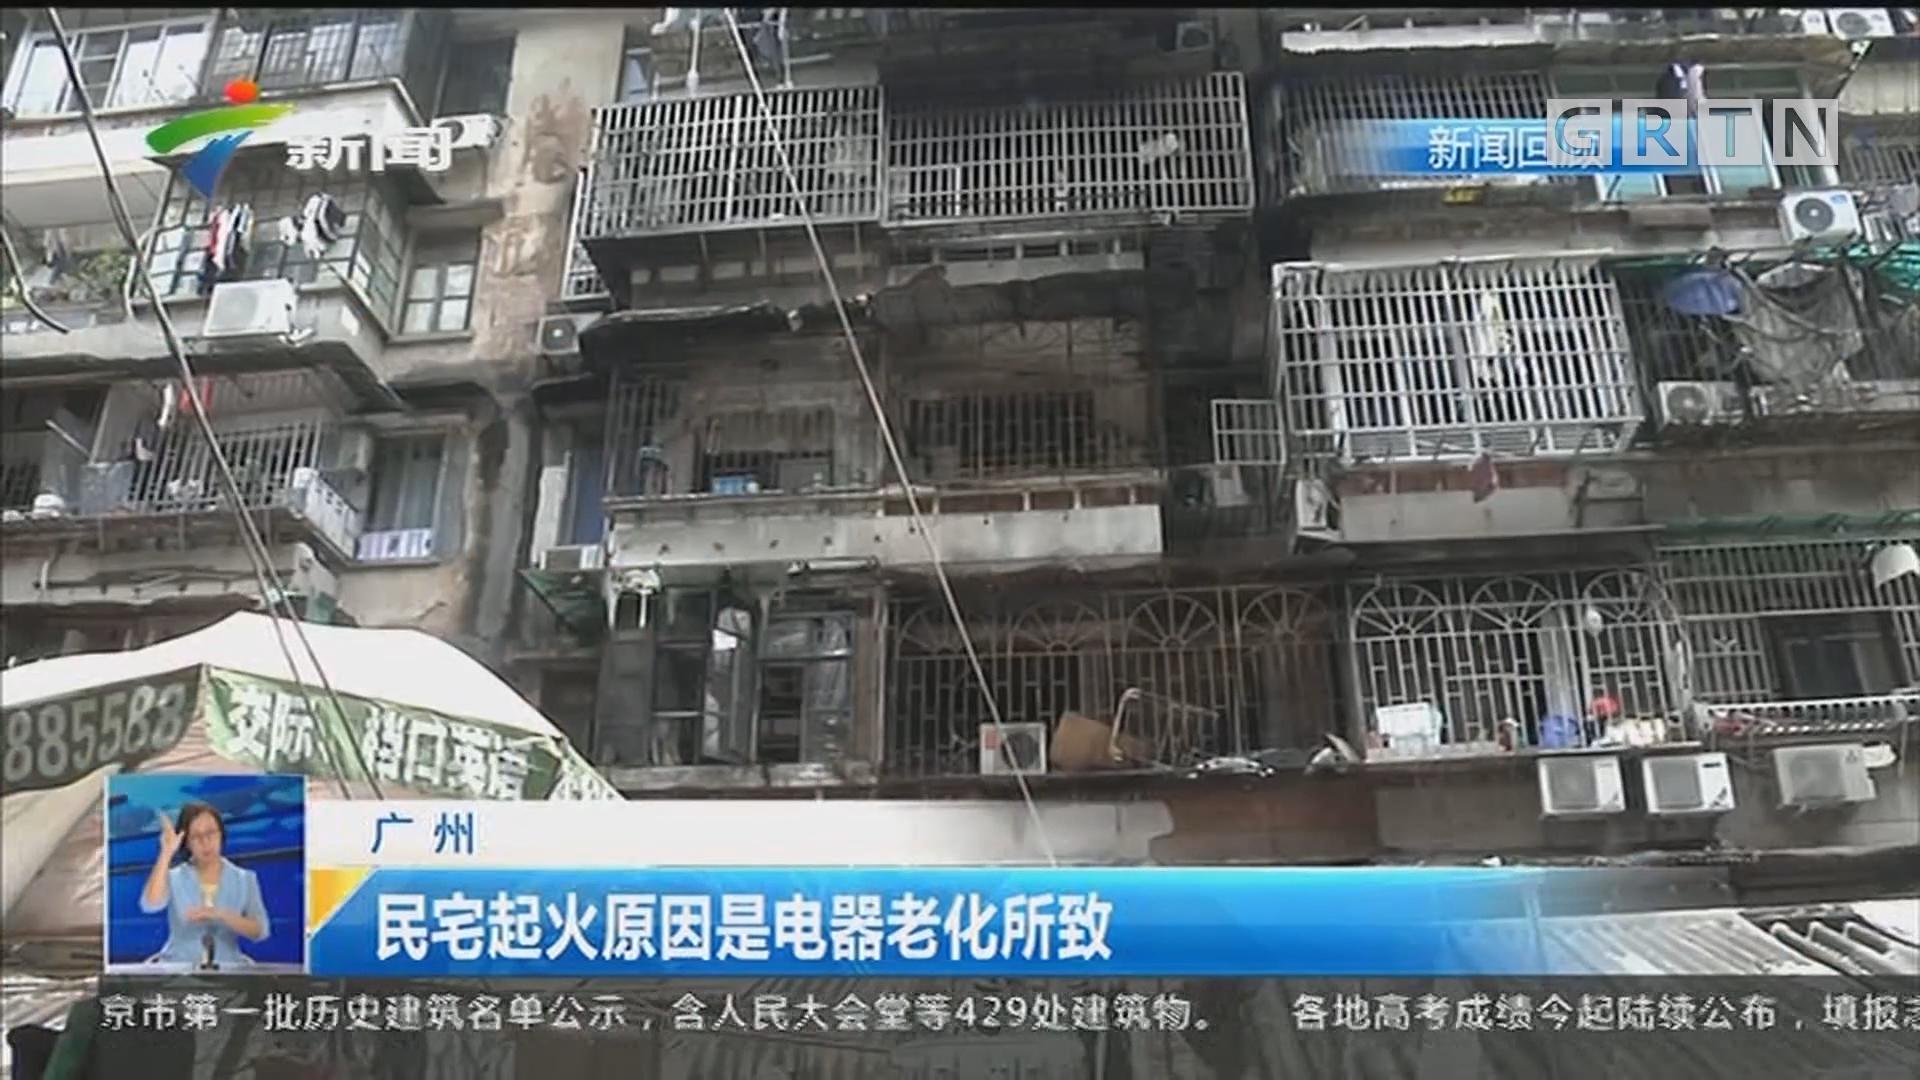 广州:民宅起火原因是电器老化所致